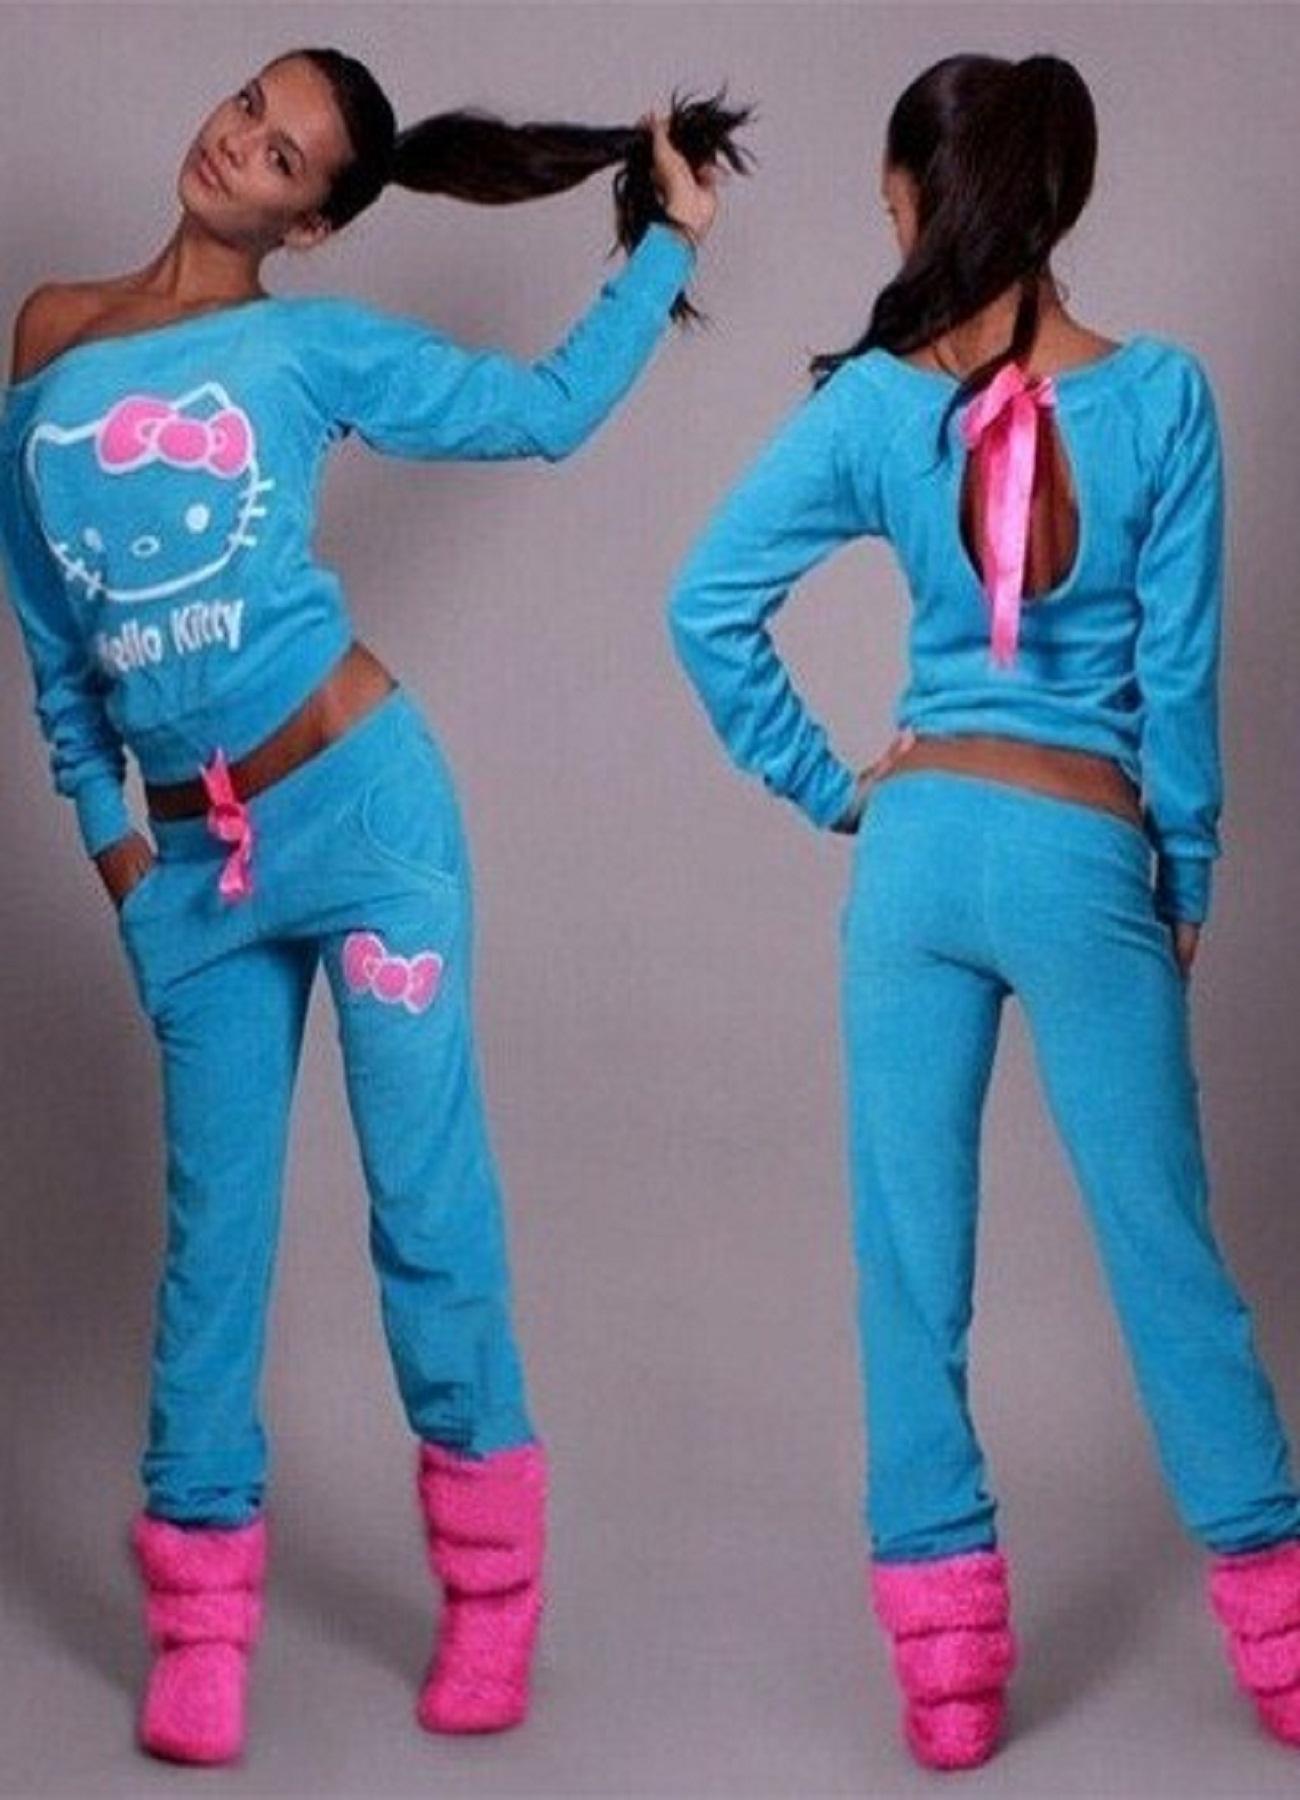 алекса одежда и цвет розовый сексуальная-хю1